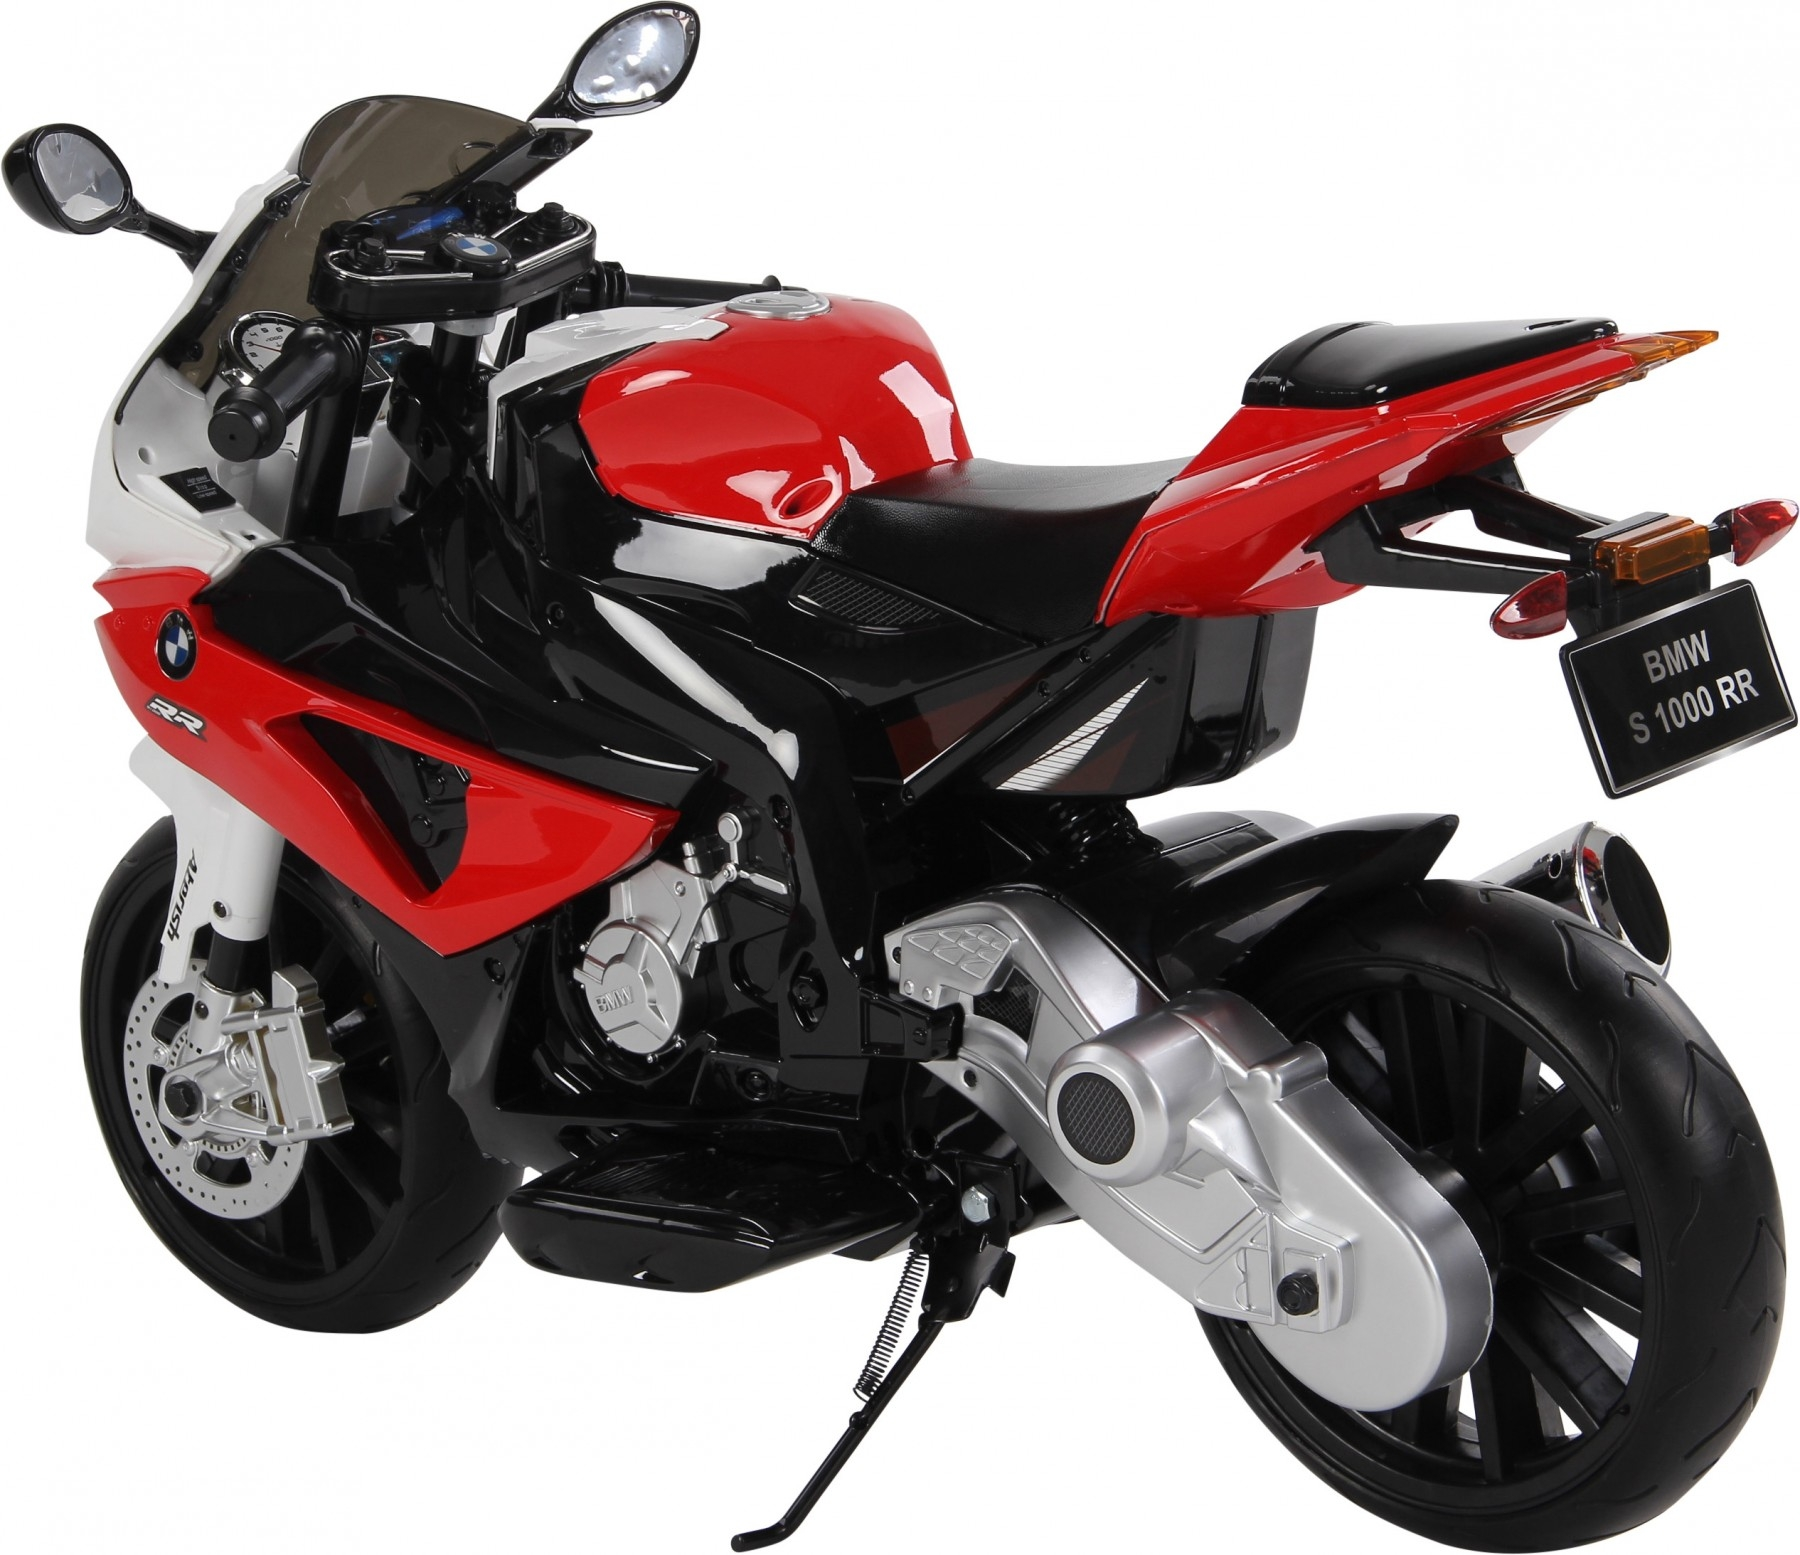 Elektrická motorka BMW S 1000RR, licence, superbike 12V, stojan nebo pomocná kolečka, červená